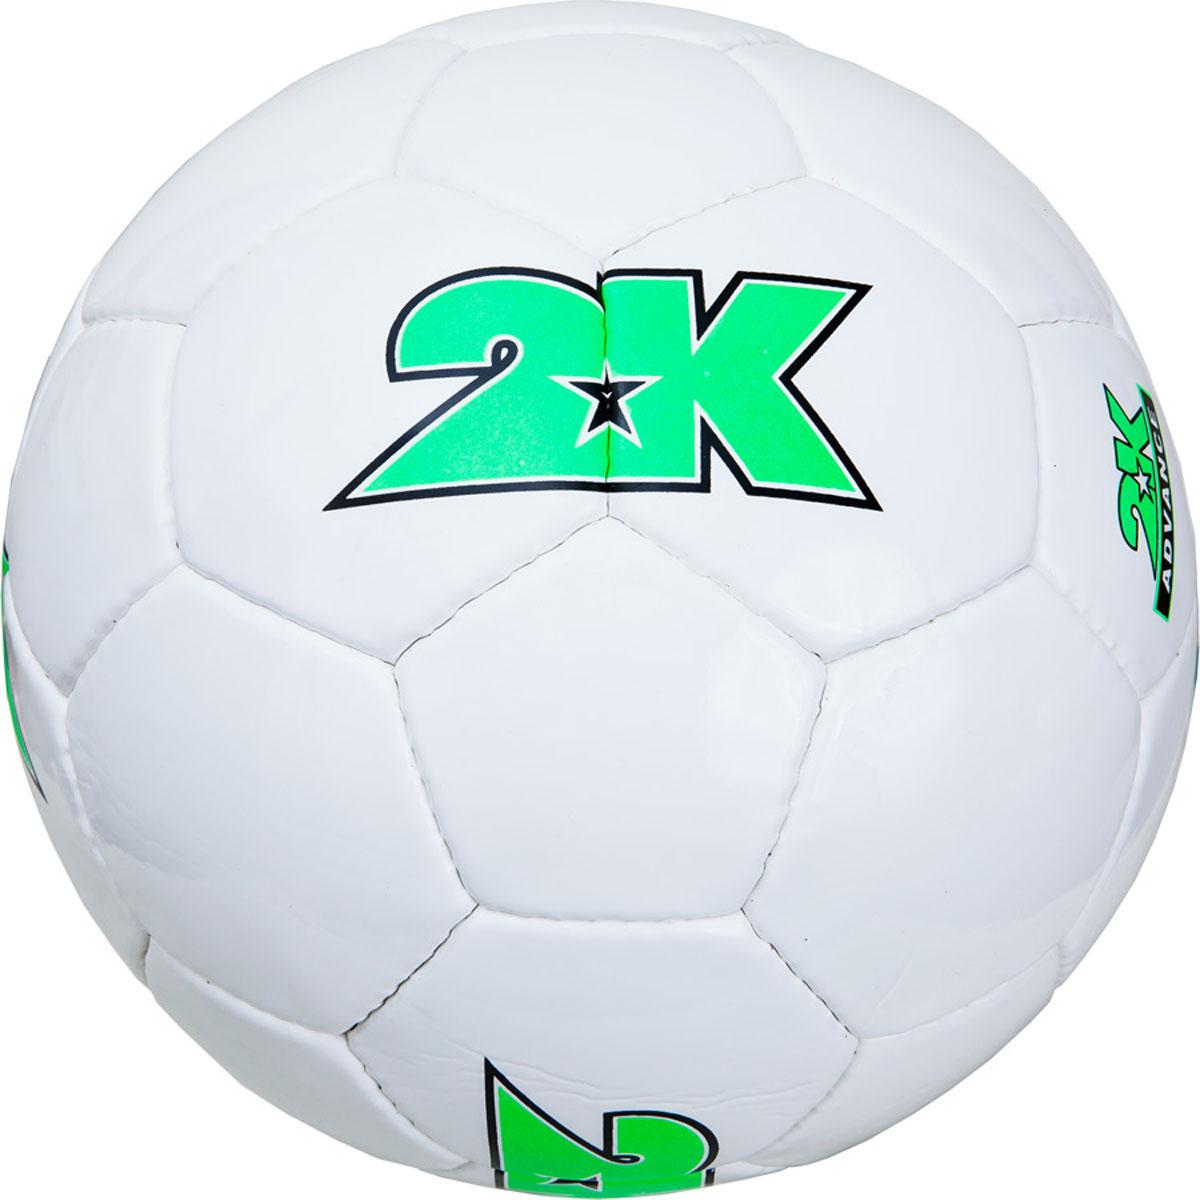 Мяч футбольный 2K Sport Advance, цвет: белый, зеленый. Размер 5127048Любительский футбольный мяч 2K Sport Advance изготовлен из полиуретана. Бесшовная камера выполнена из натурального латекса. Сшивка производилась вручную. Швы проклеены для герметизации.